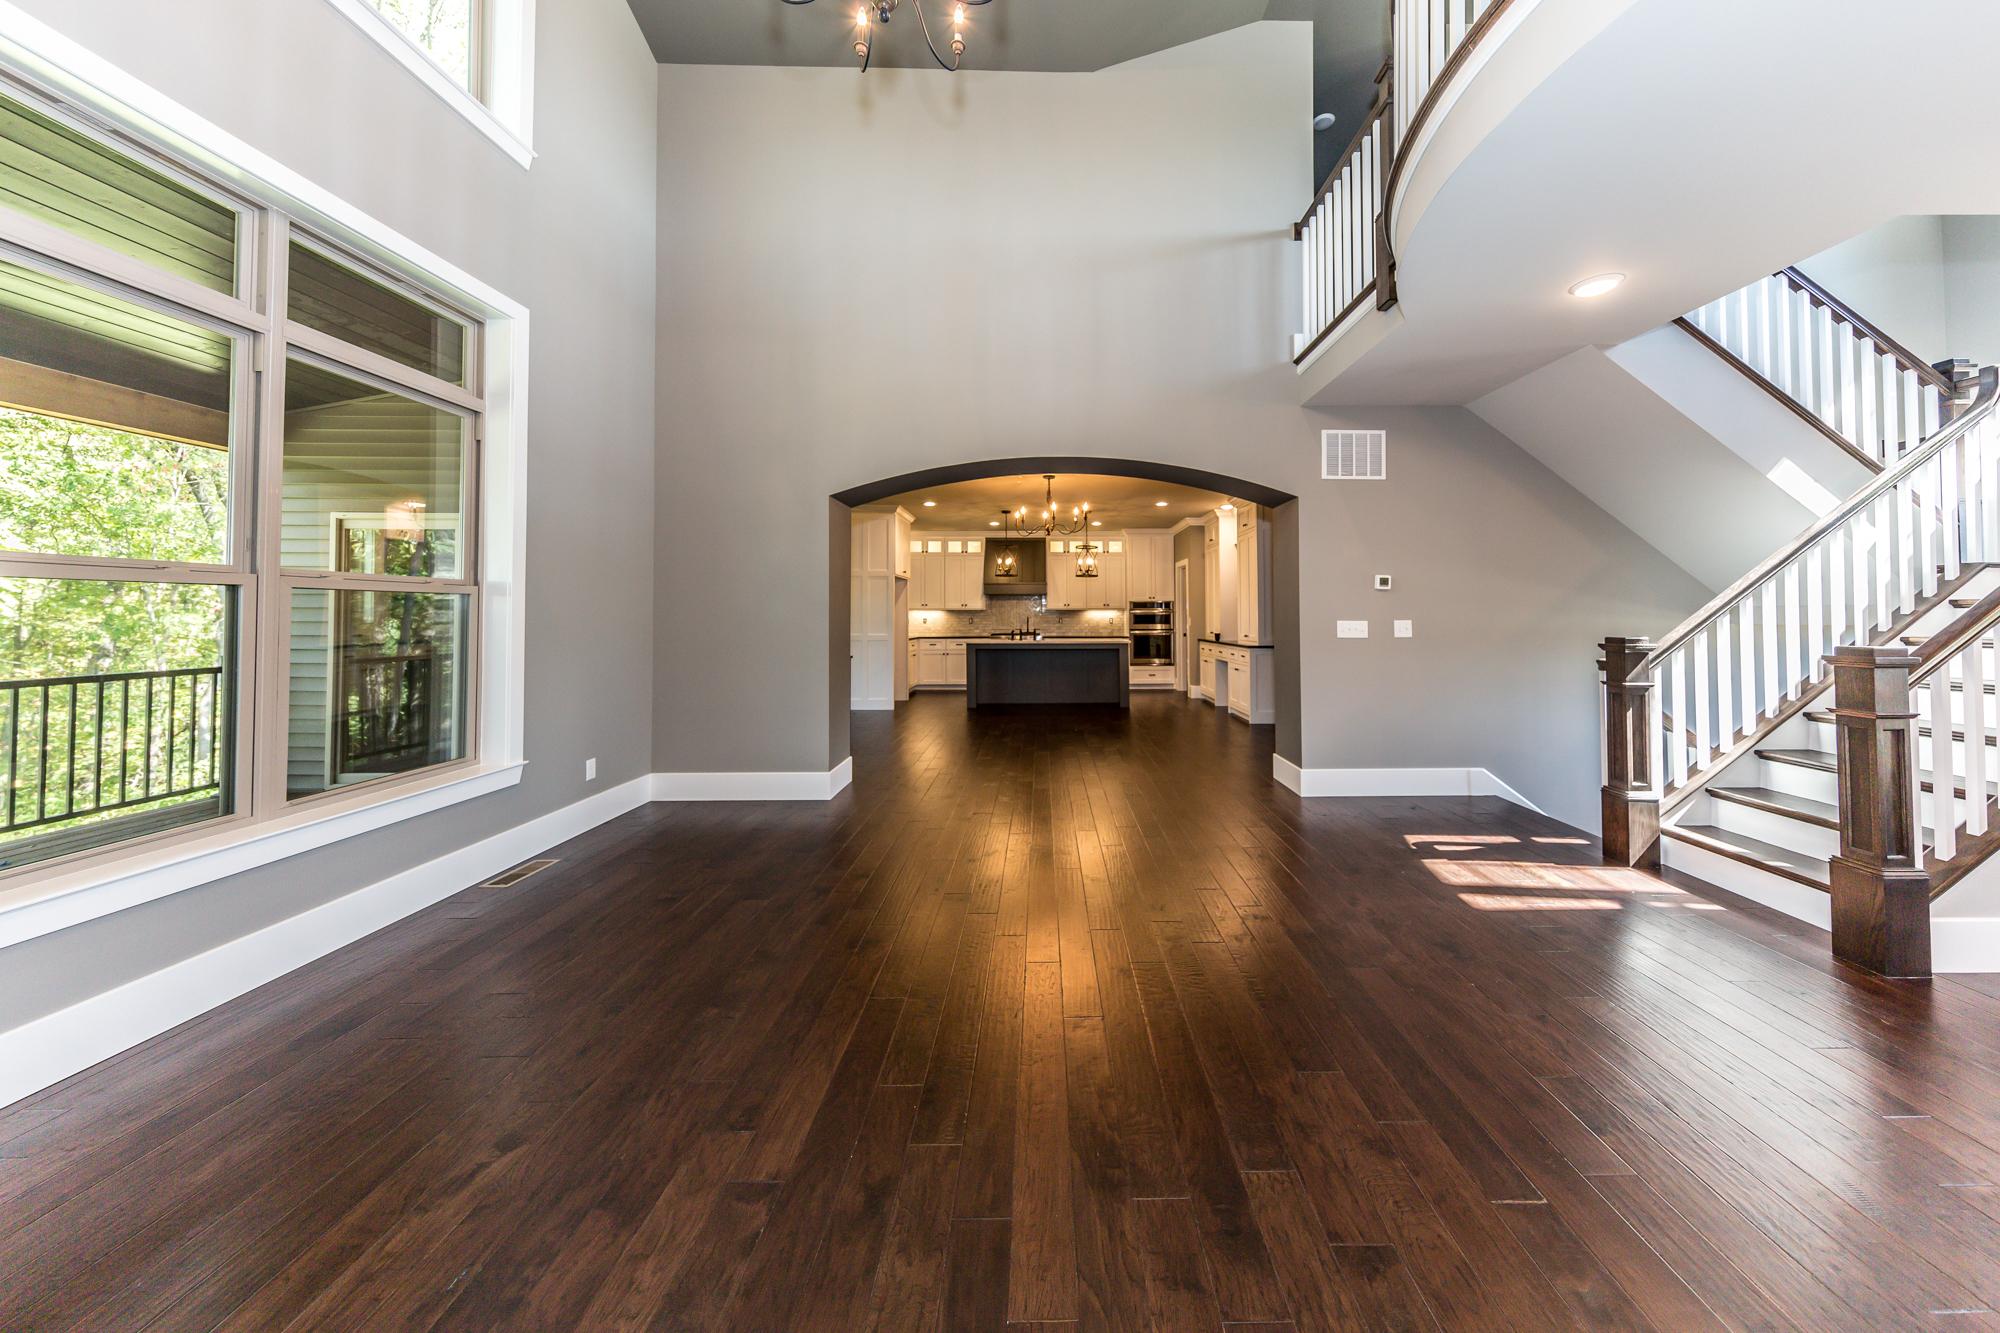 2-Scott-AFB-Real-Estate-For-Sale-O'Fallon-Illinois-62269-4.jpg